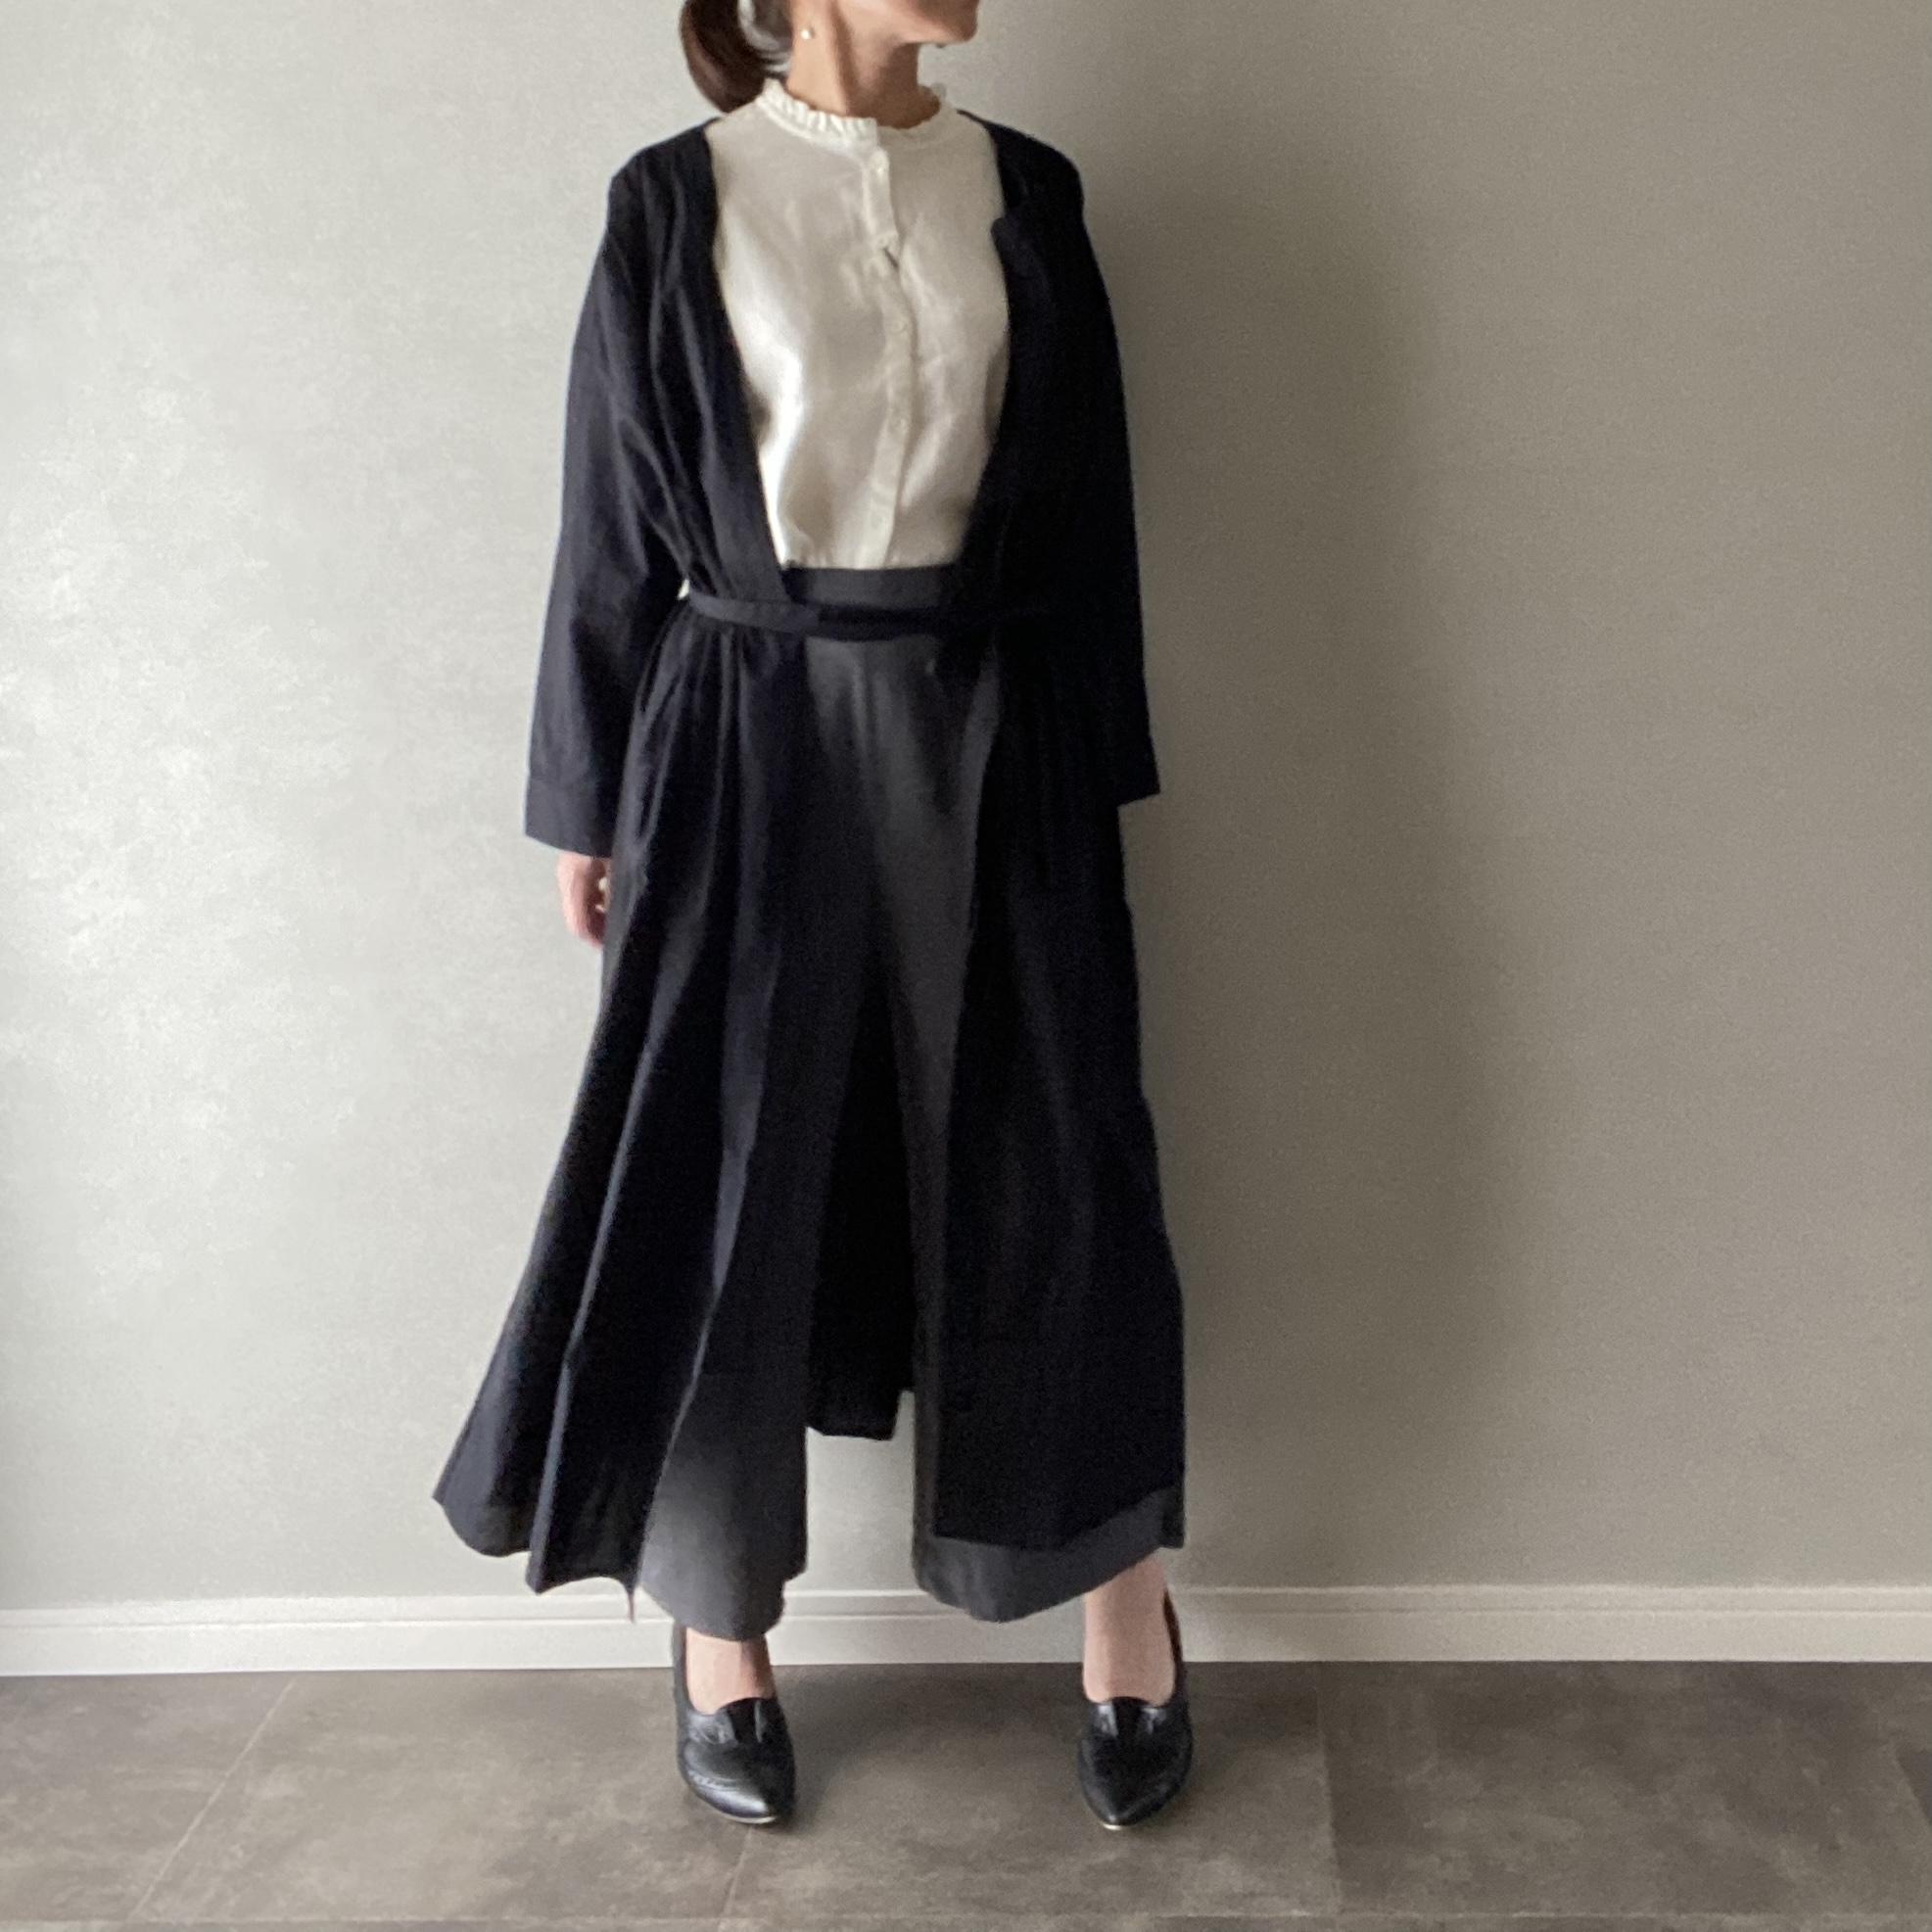 ワンピース&ロングカーデ 2way リボン付き 薄手 長袖 ブラック Mサイズ【12909106】